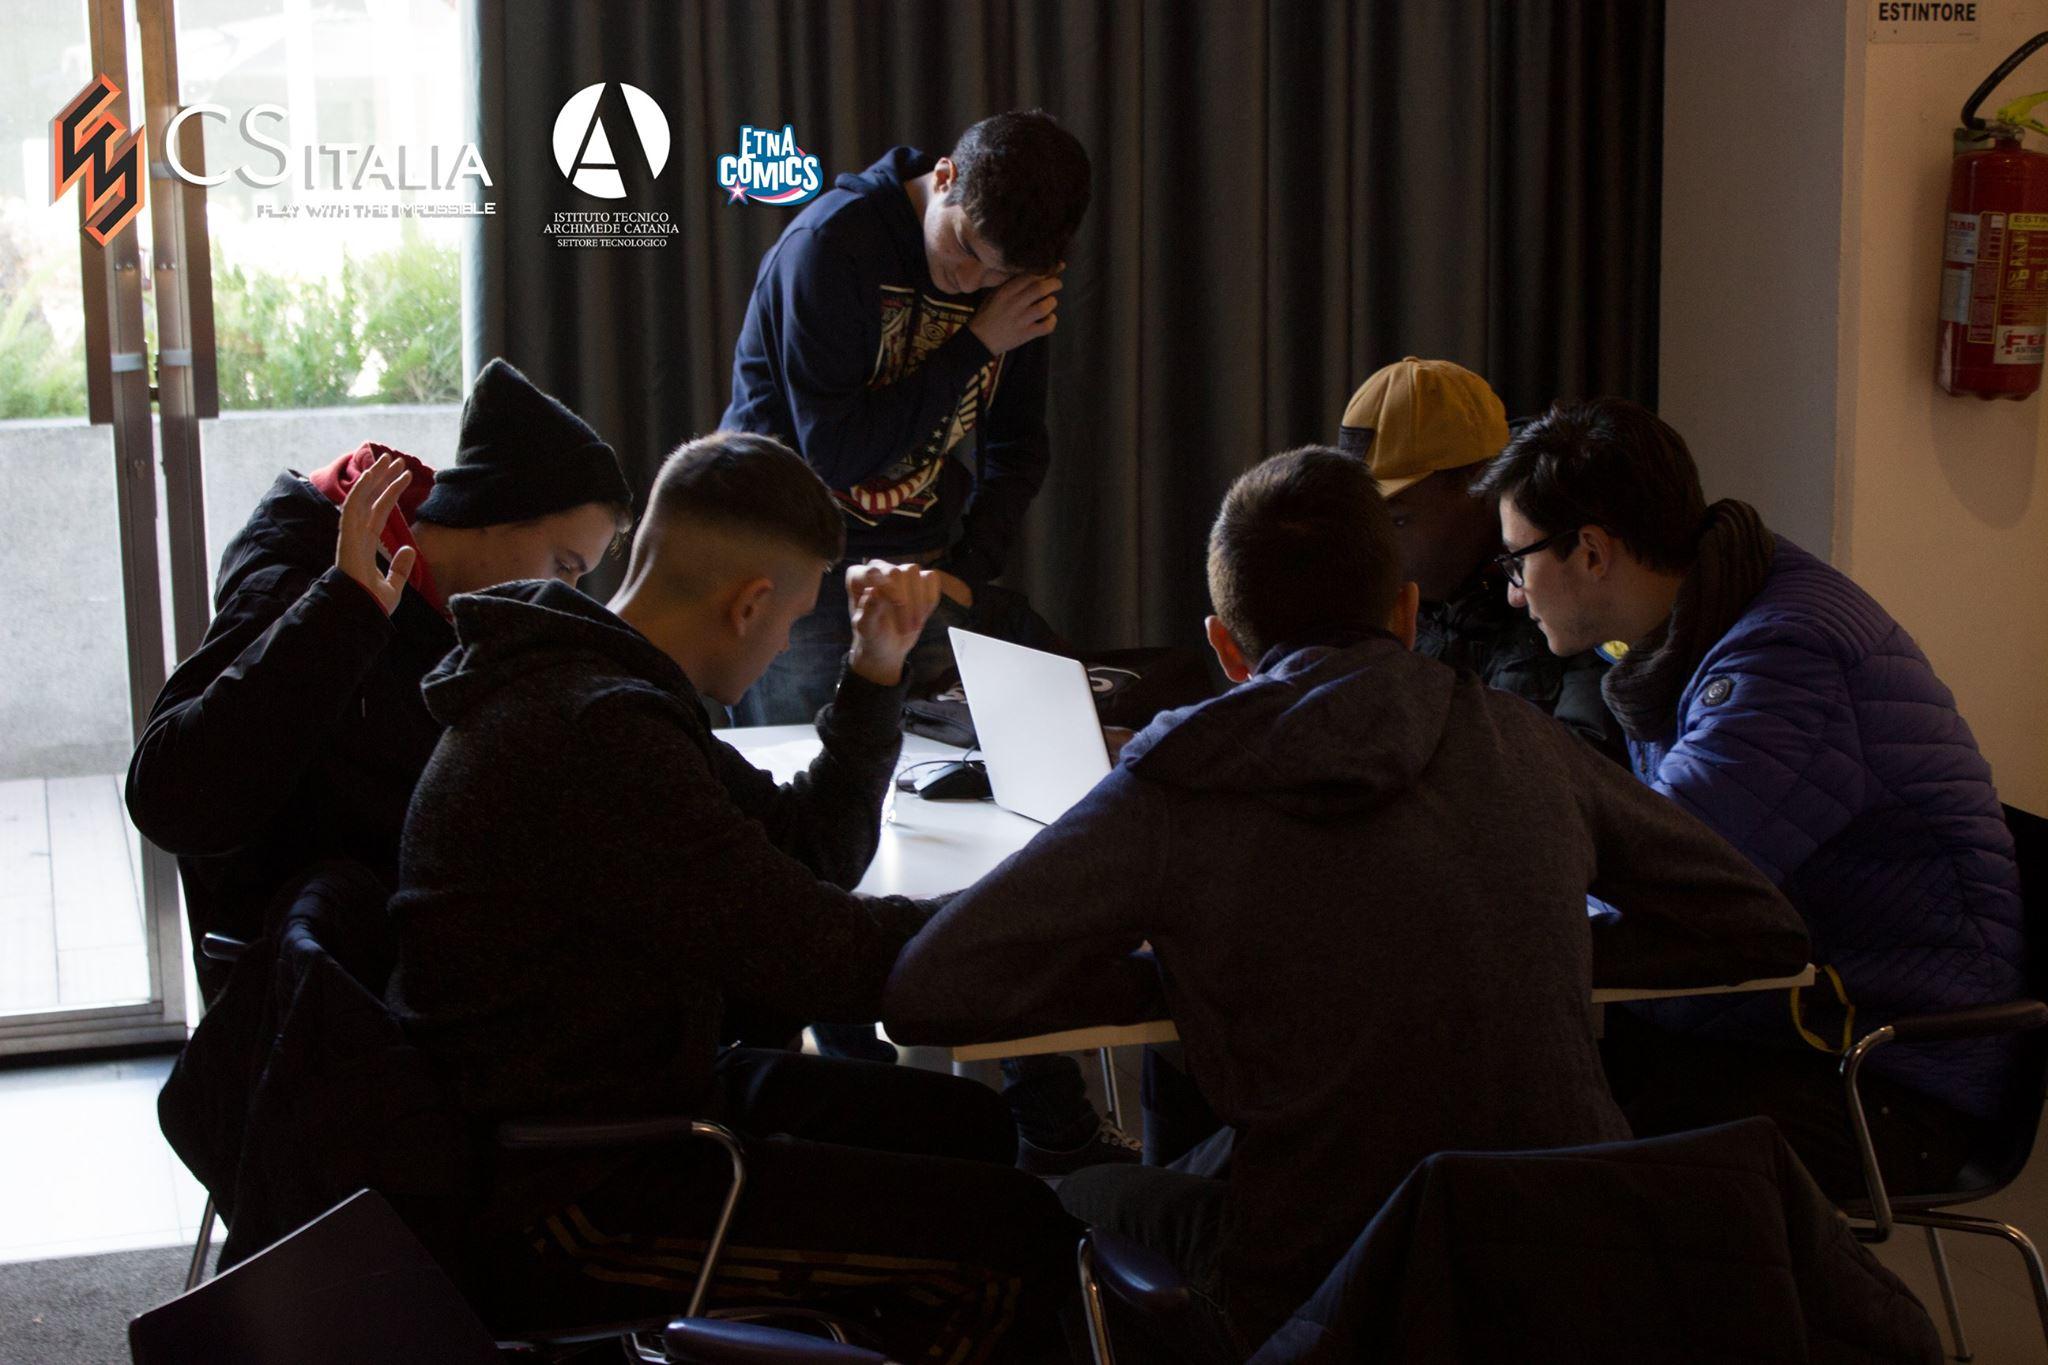 Alternanza scuola/lavoro: con CS Italia i progetti funzionano